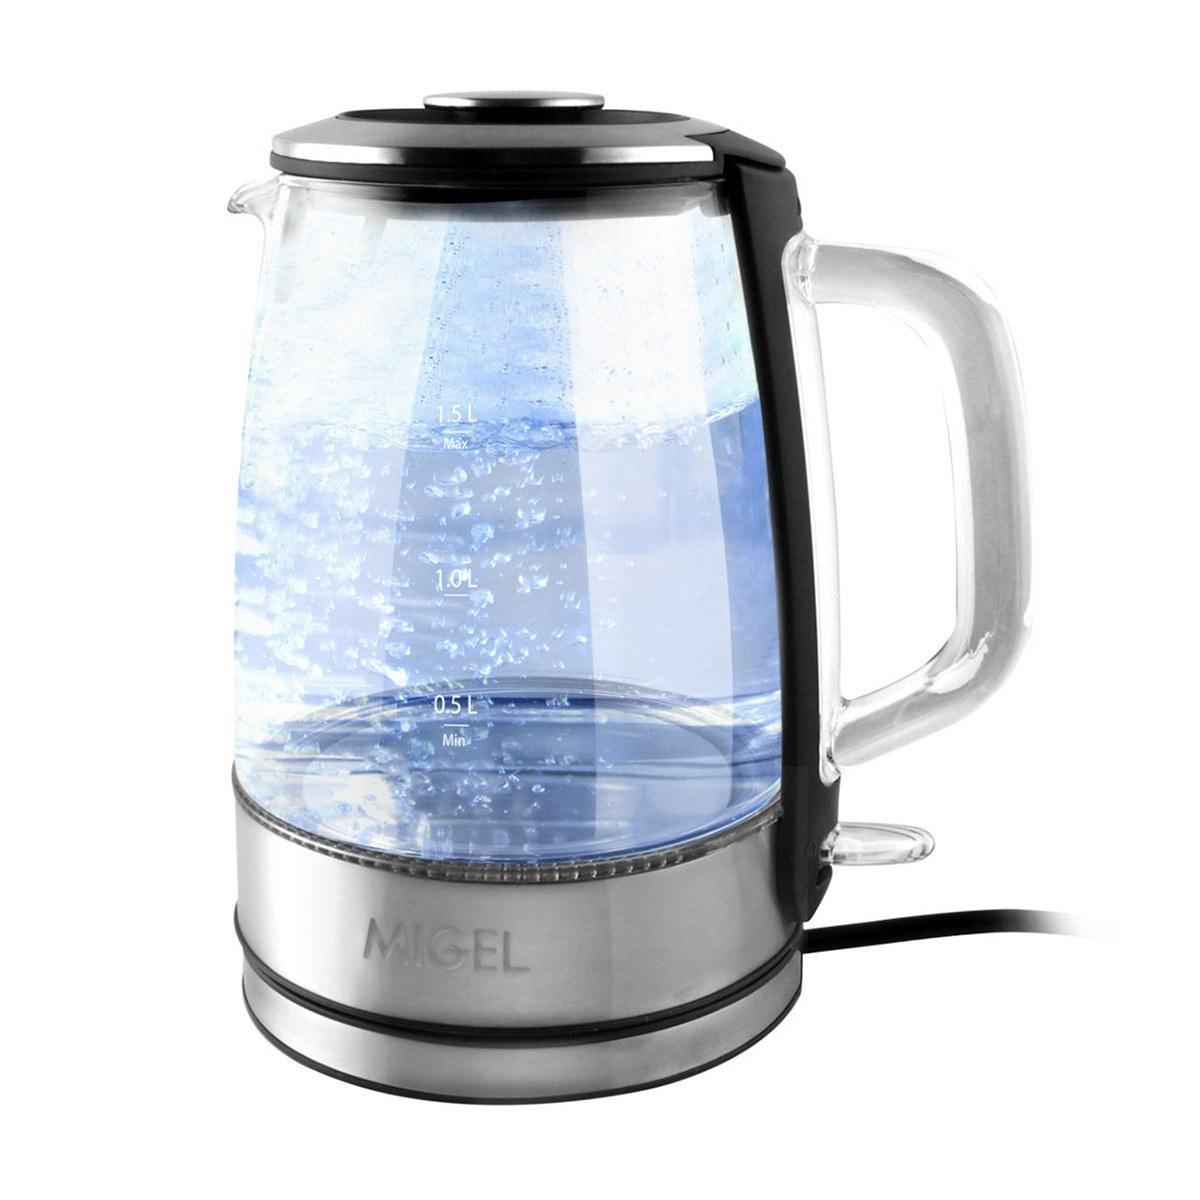 تصویر کتری برقی میگل مدل GEK 220 rotel electeric kettle model GEK 220